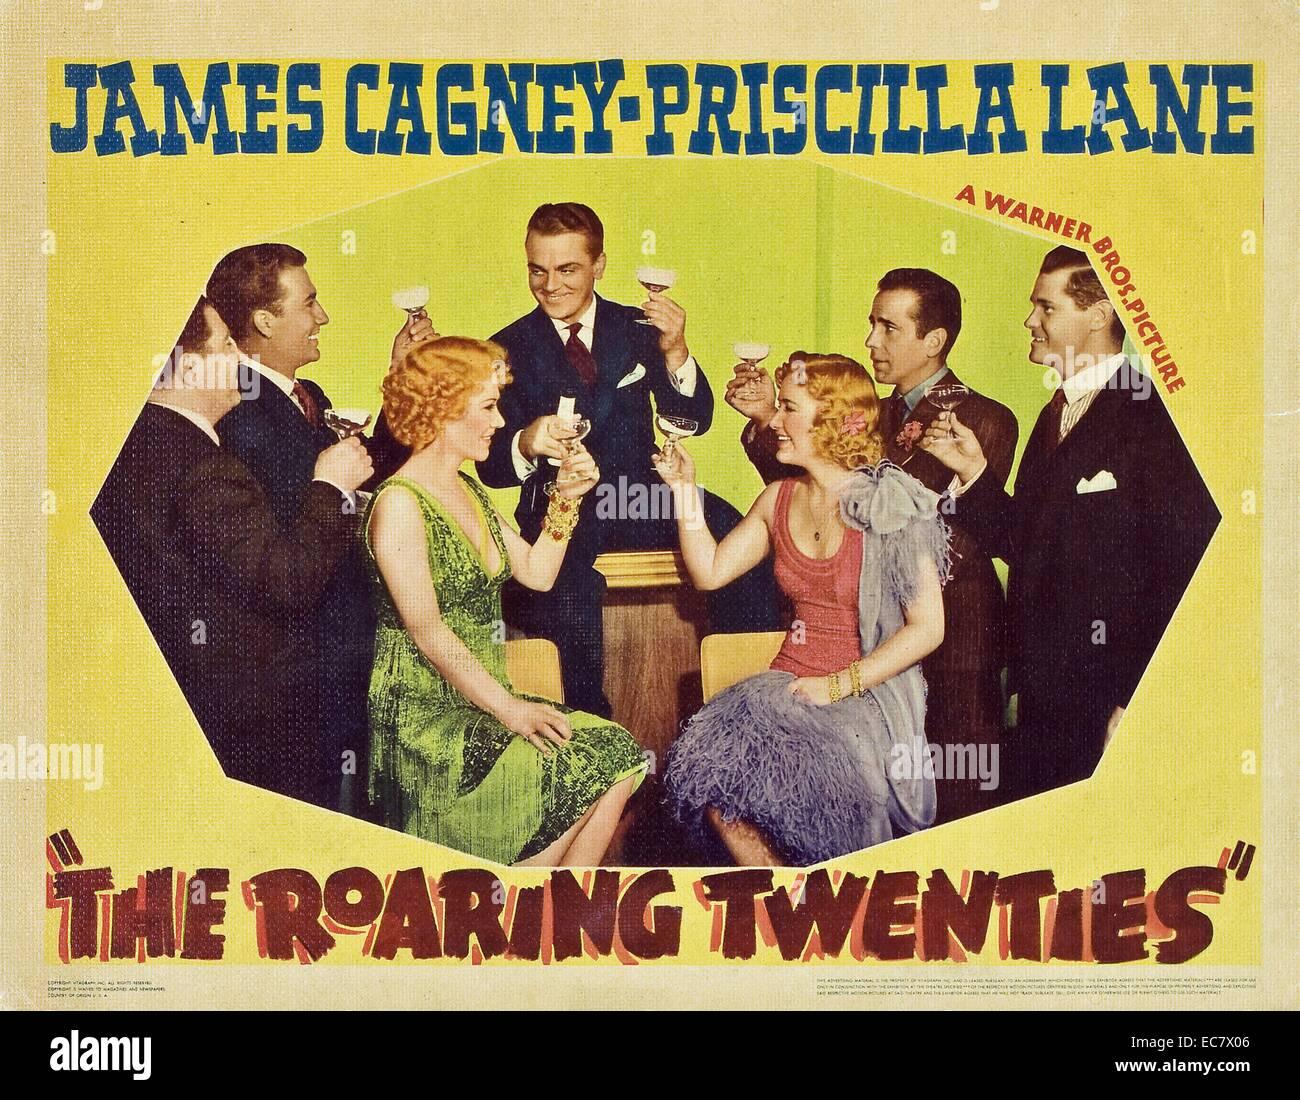 Los locos años 20, un thriller de 1939 protagonizada por James Cagney, Priscilla Lane, Humphrey Bogart Imagen De Stock